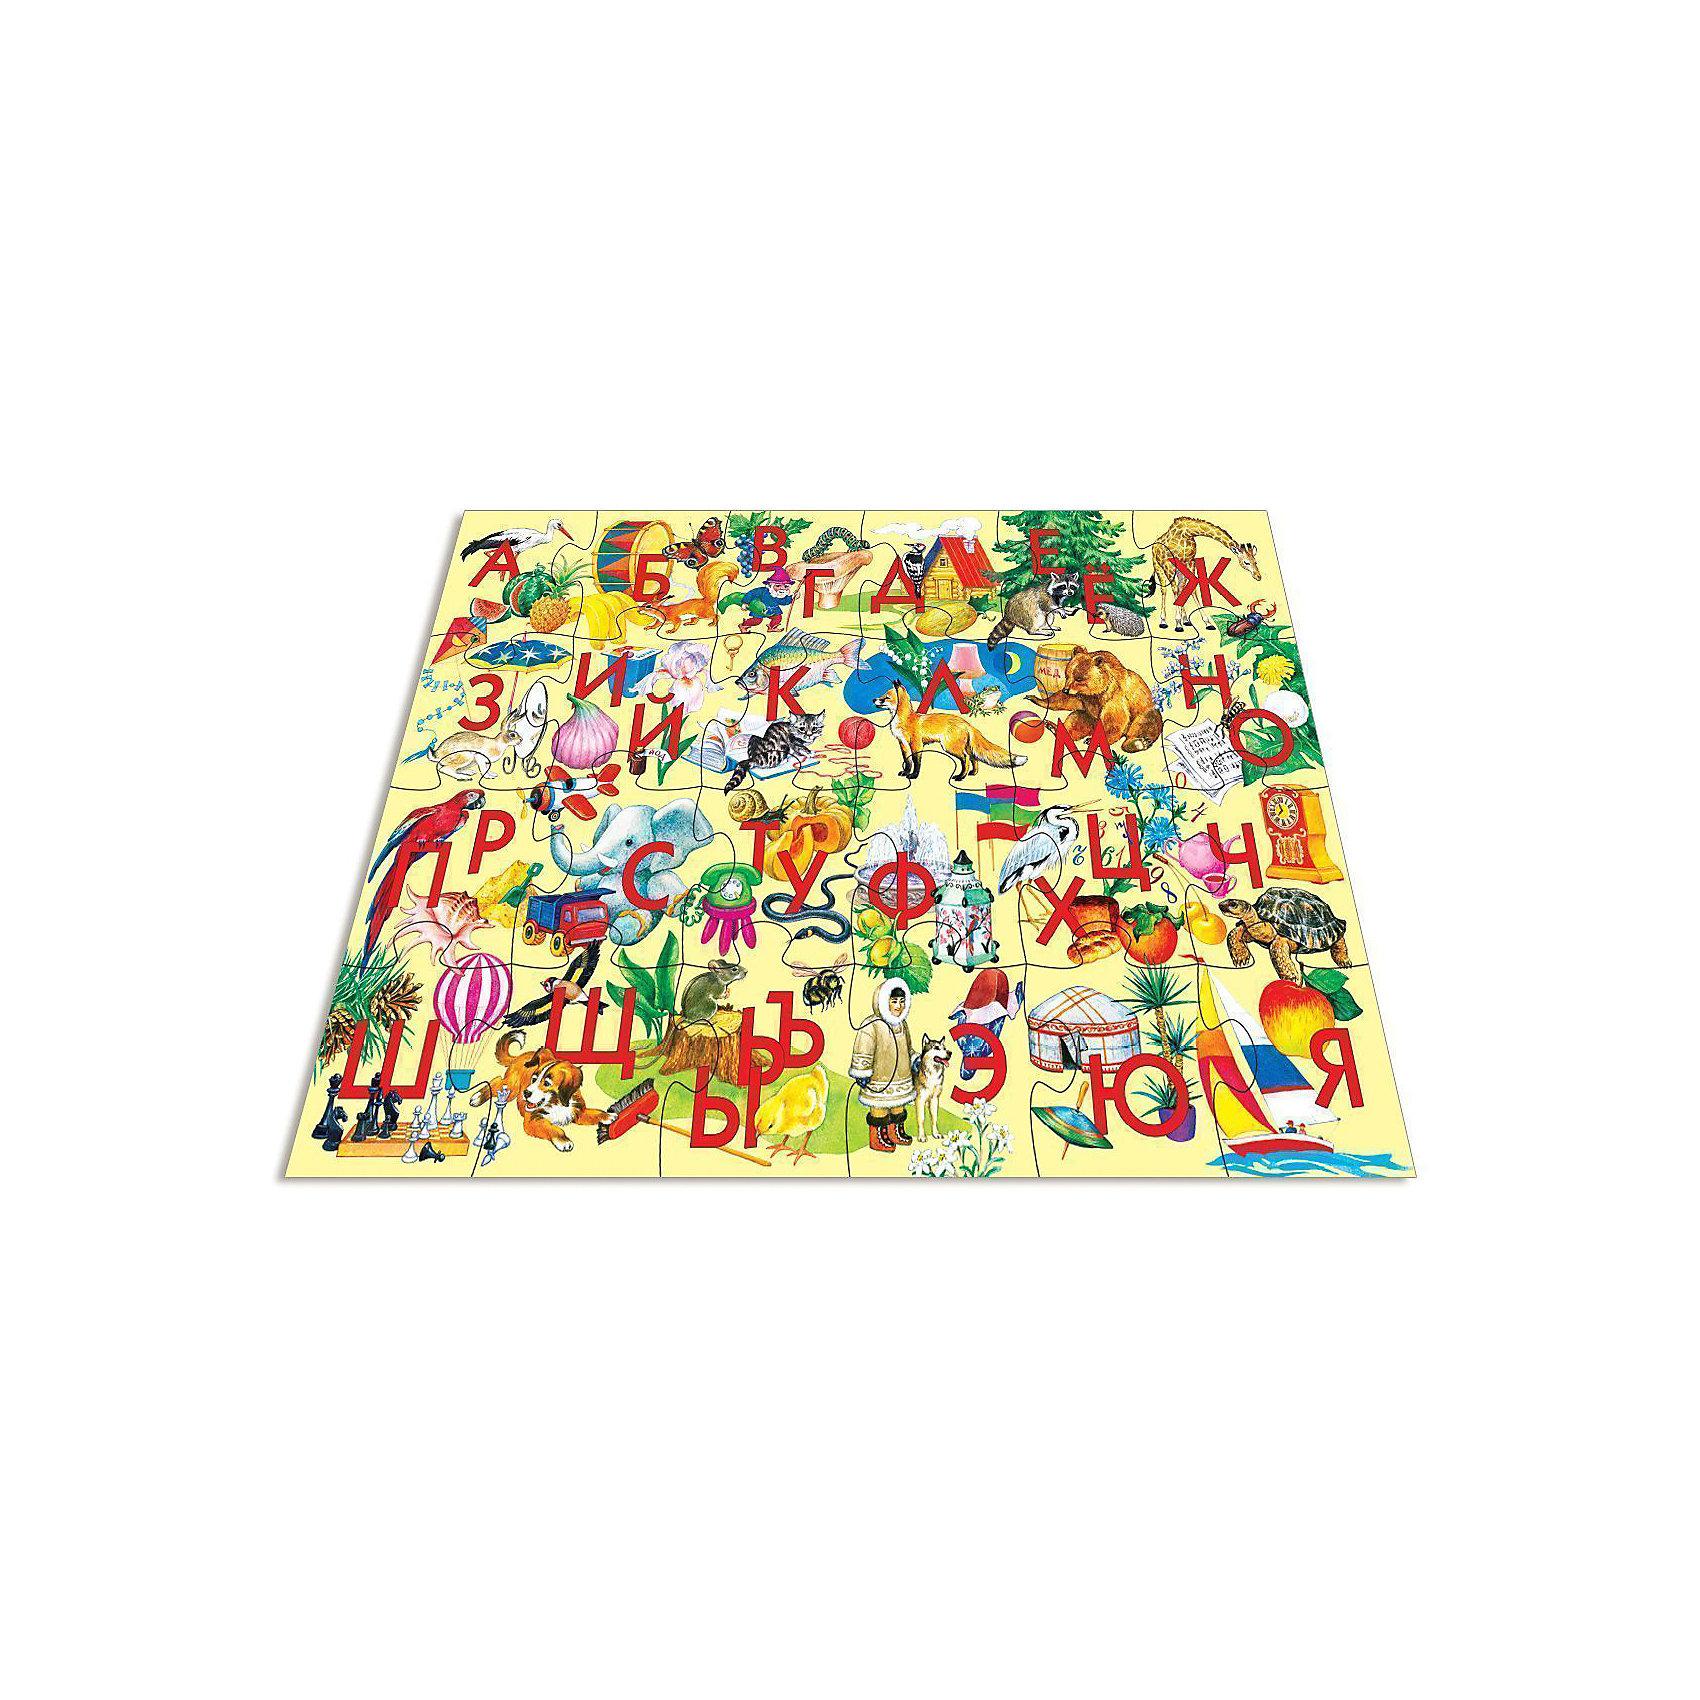 Дрофа-Медиа Мозаика для малышей Азбука, 24 макси-детали, Дрофа-Медиа дрофа медиа сделай сам павлин жираф брелок